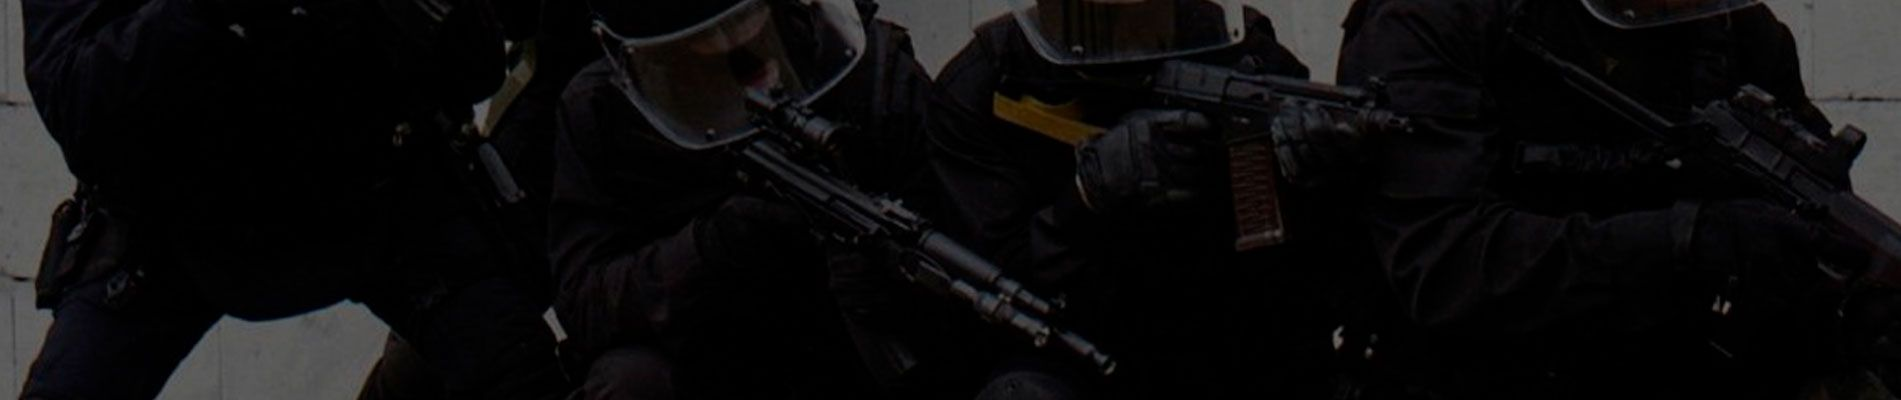 Физическая безопасность - Обеспечение всех видов физической безопасности в Киеве и Украине | Тор-Безопасность